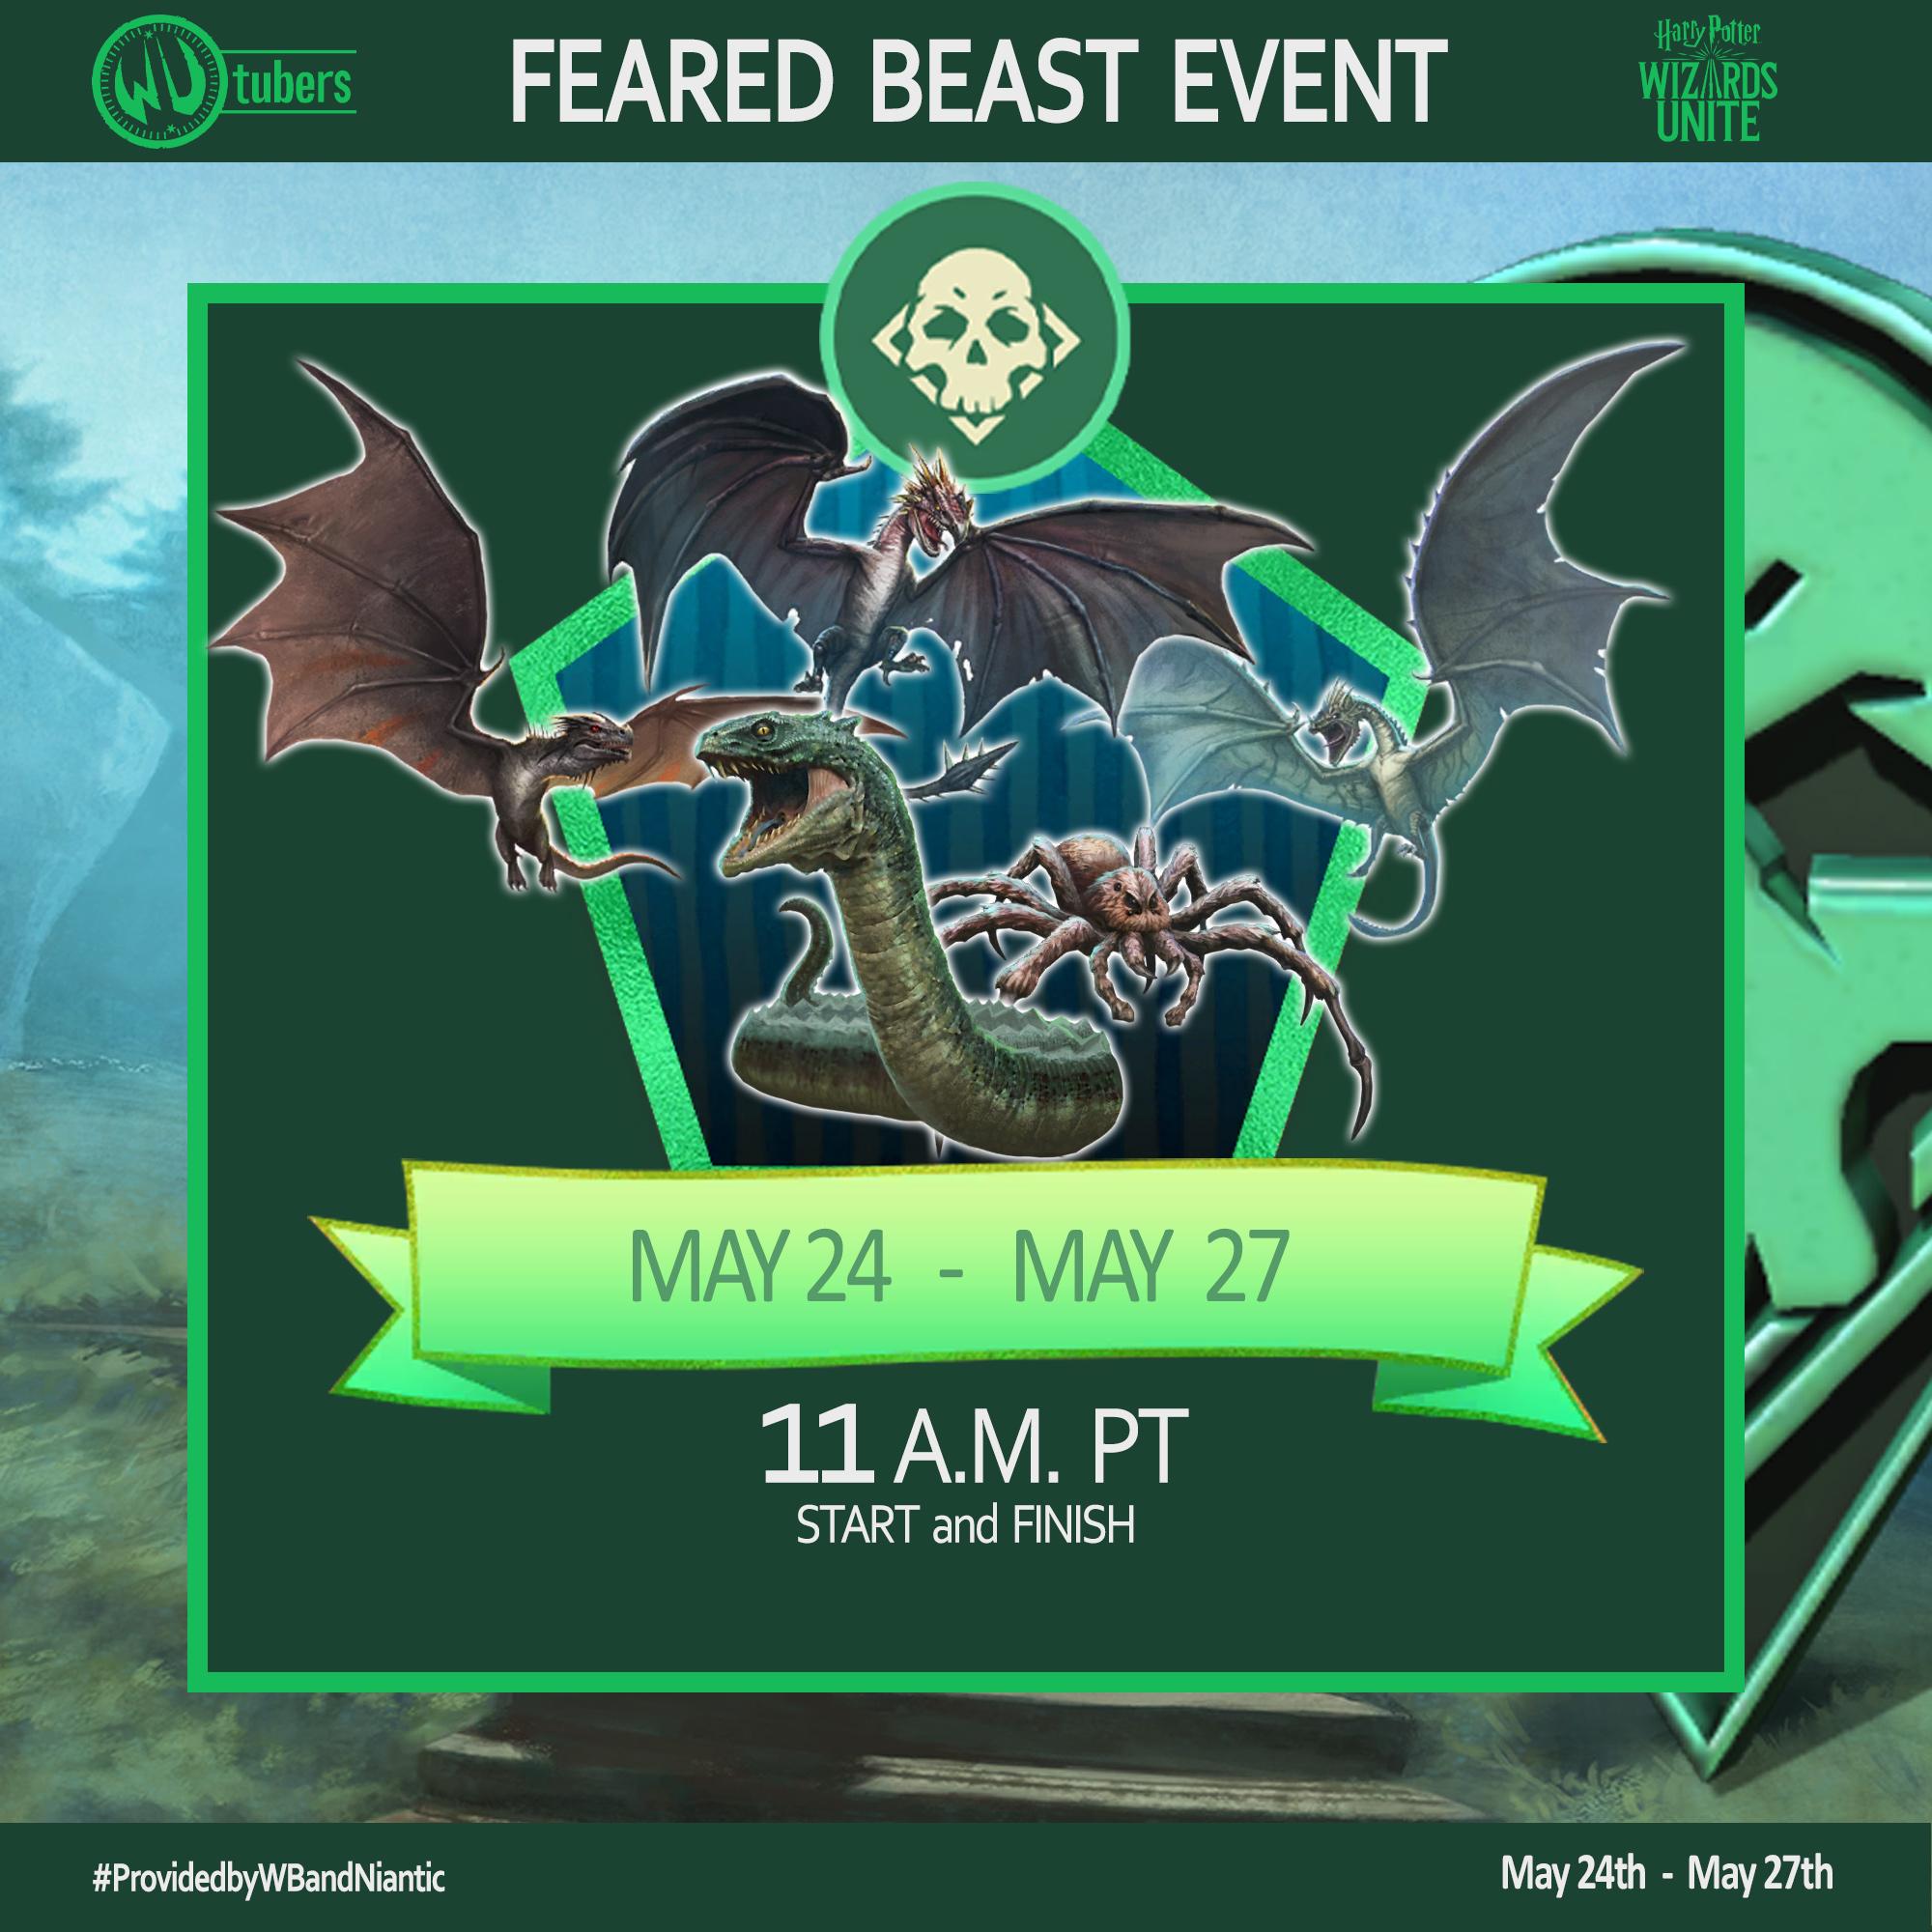 Feared_Beast_Date.jpg